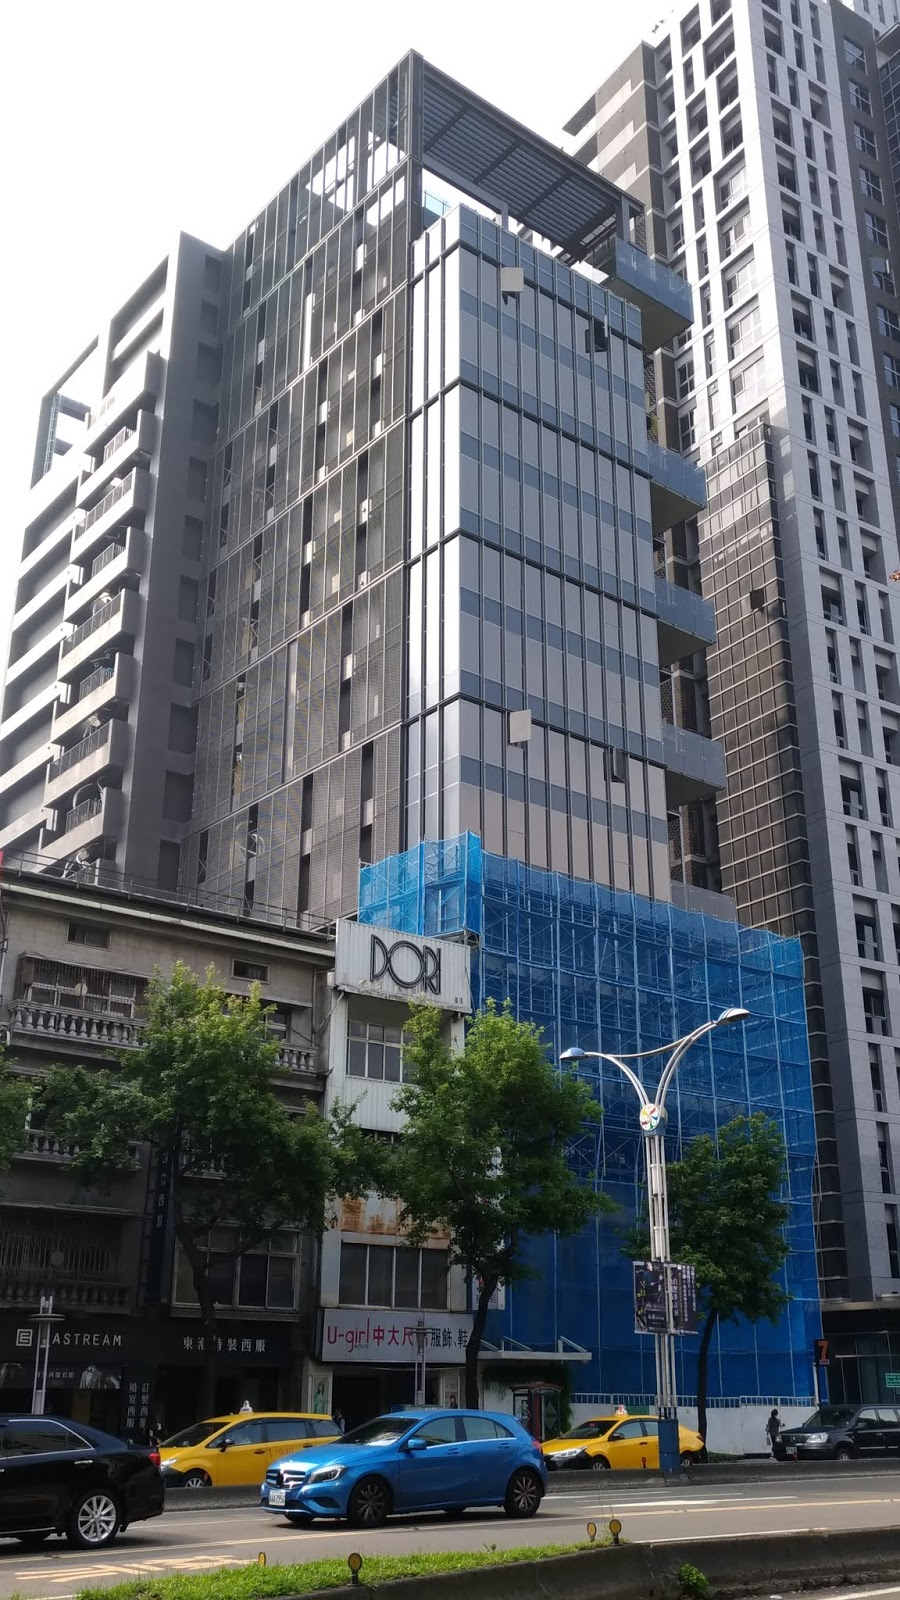 嘉義智選假日酒店 & 高雄萬豪酒店 外加一個意外的新朋友-- 臺北中山希爾頓逸林酒店 02